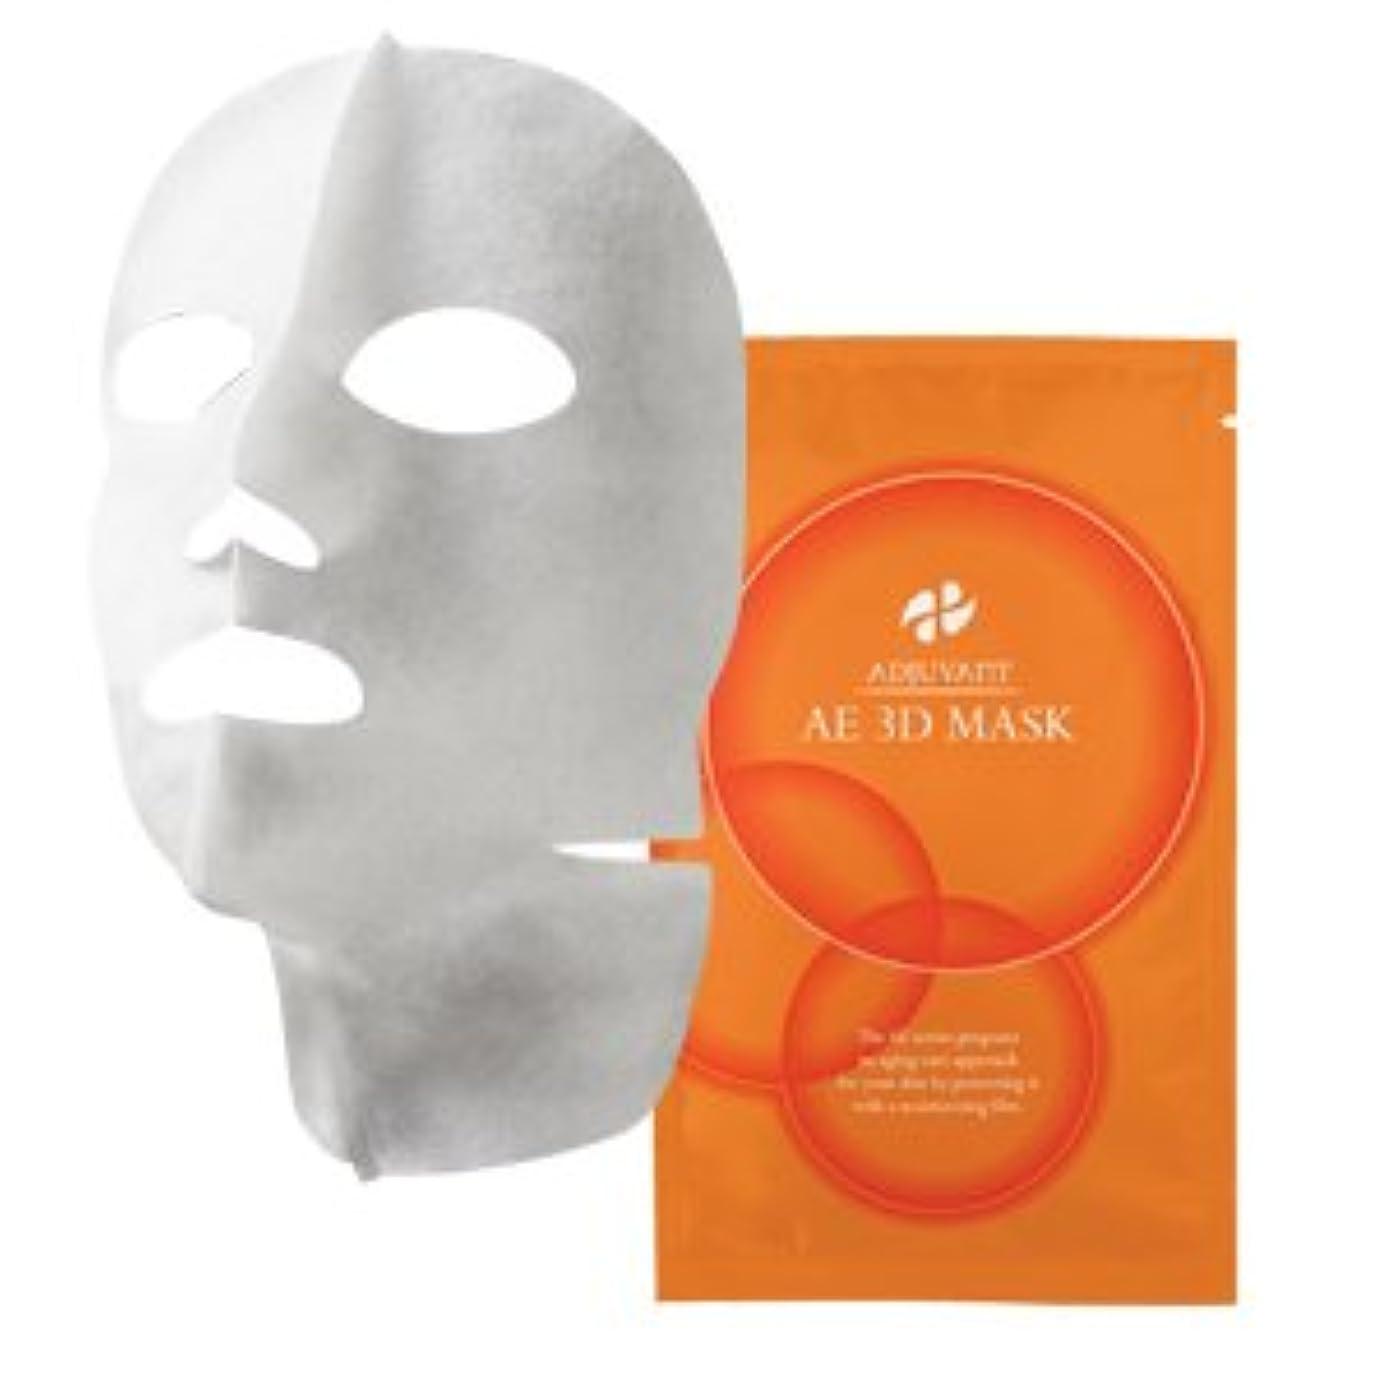 アジュバン AE 3Dマスク 35ml×6枚入り<マスク>